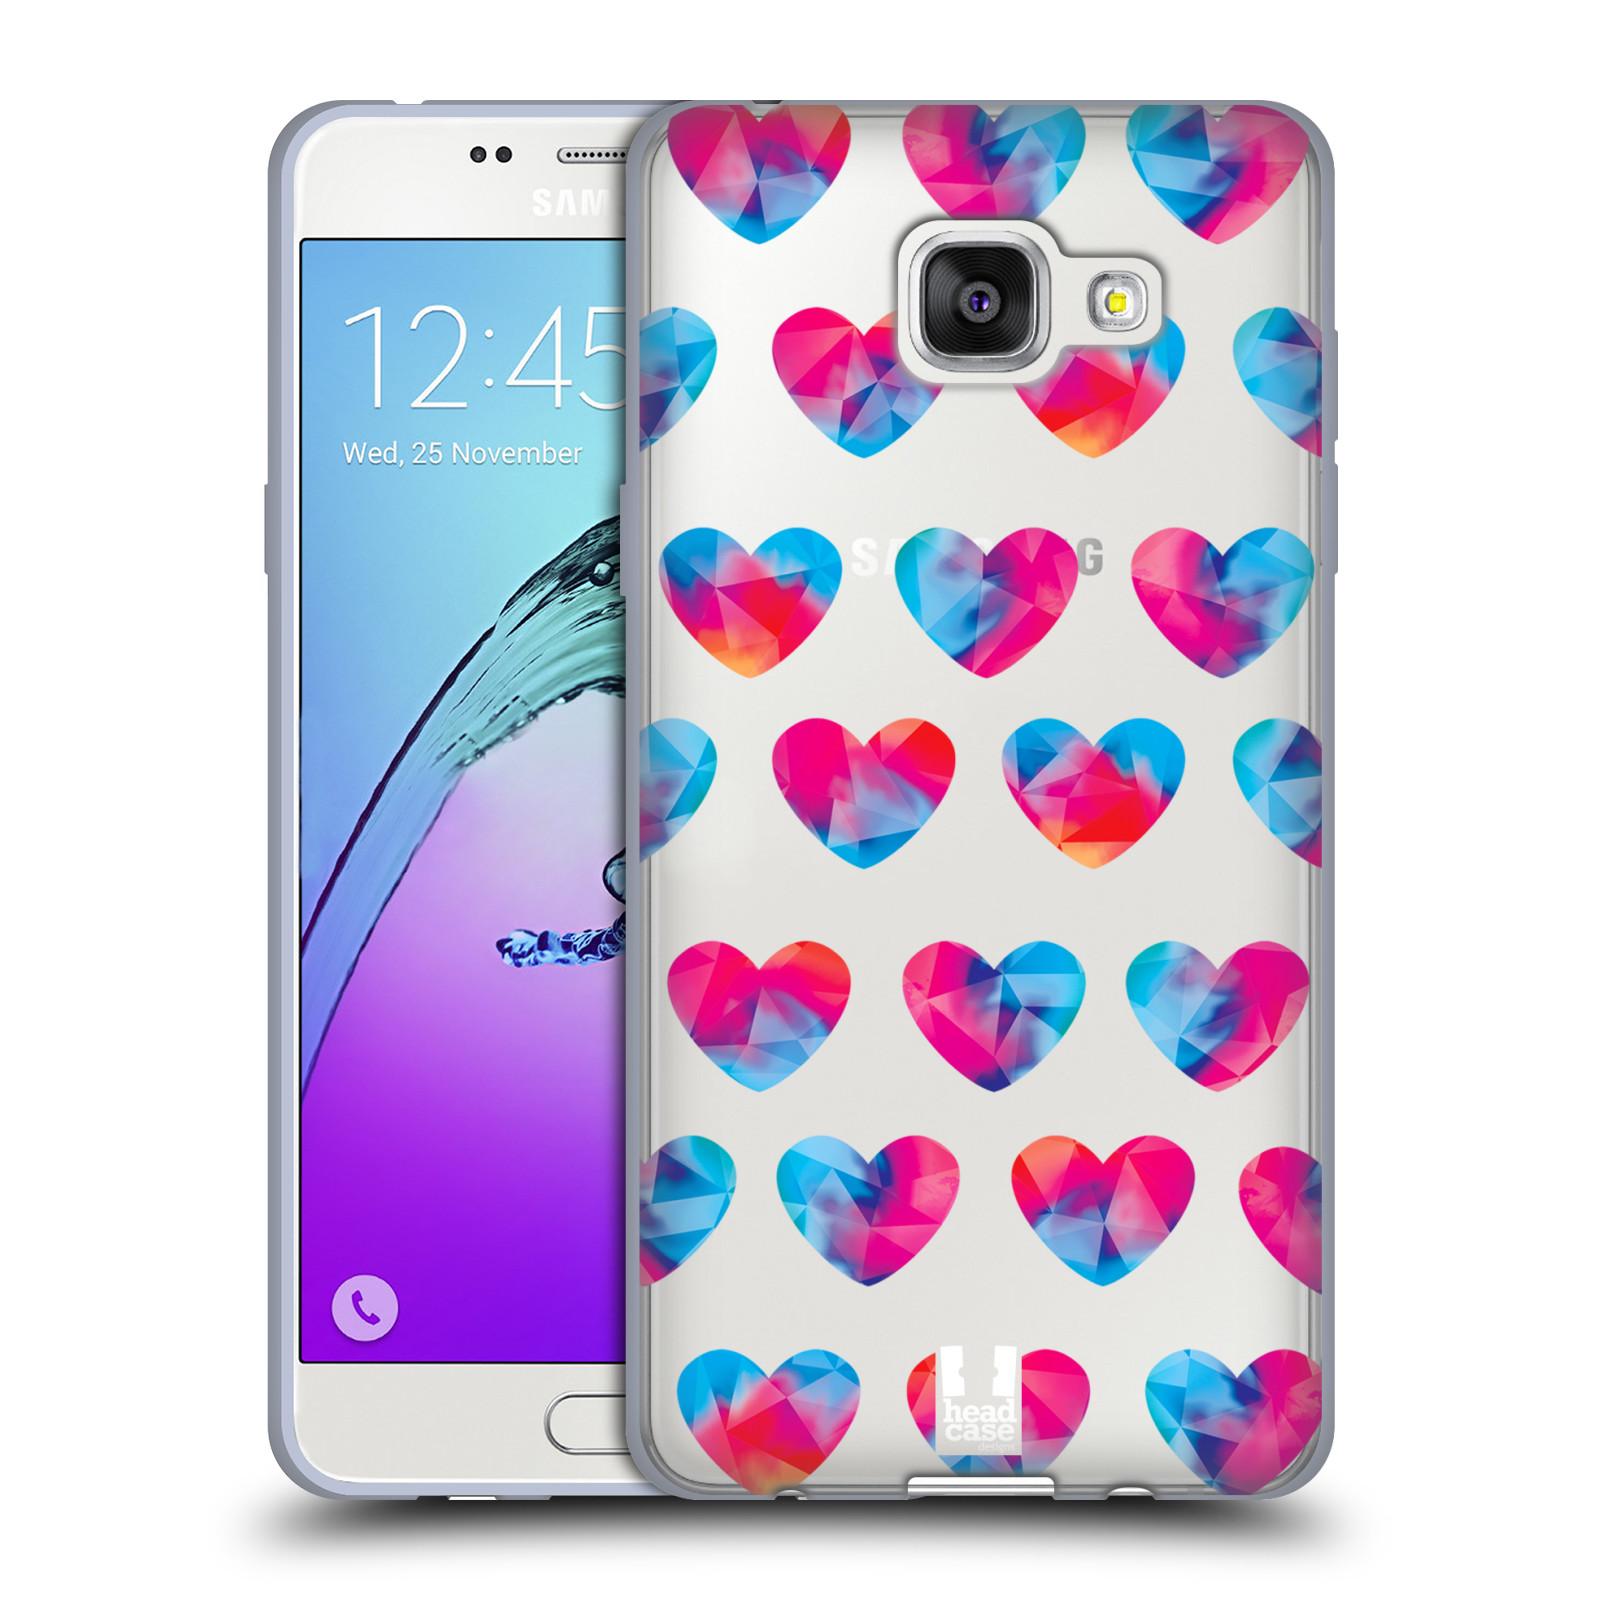 Silikonové pouzdro na mobil Samsung Galaxy A5 (2016) - Head Case - Srdíčka hrající barvami